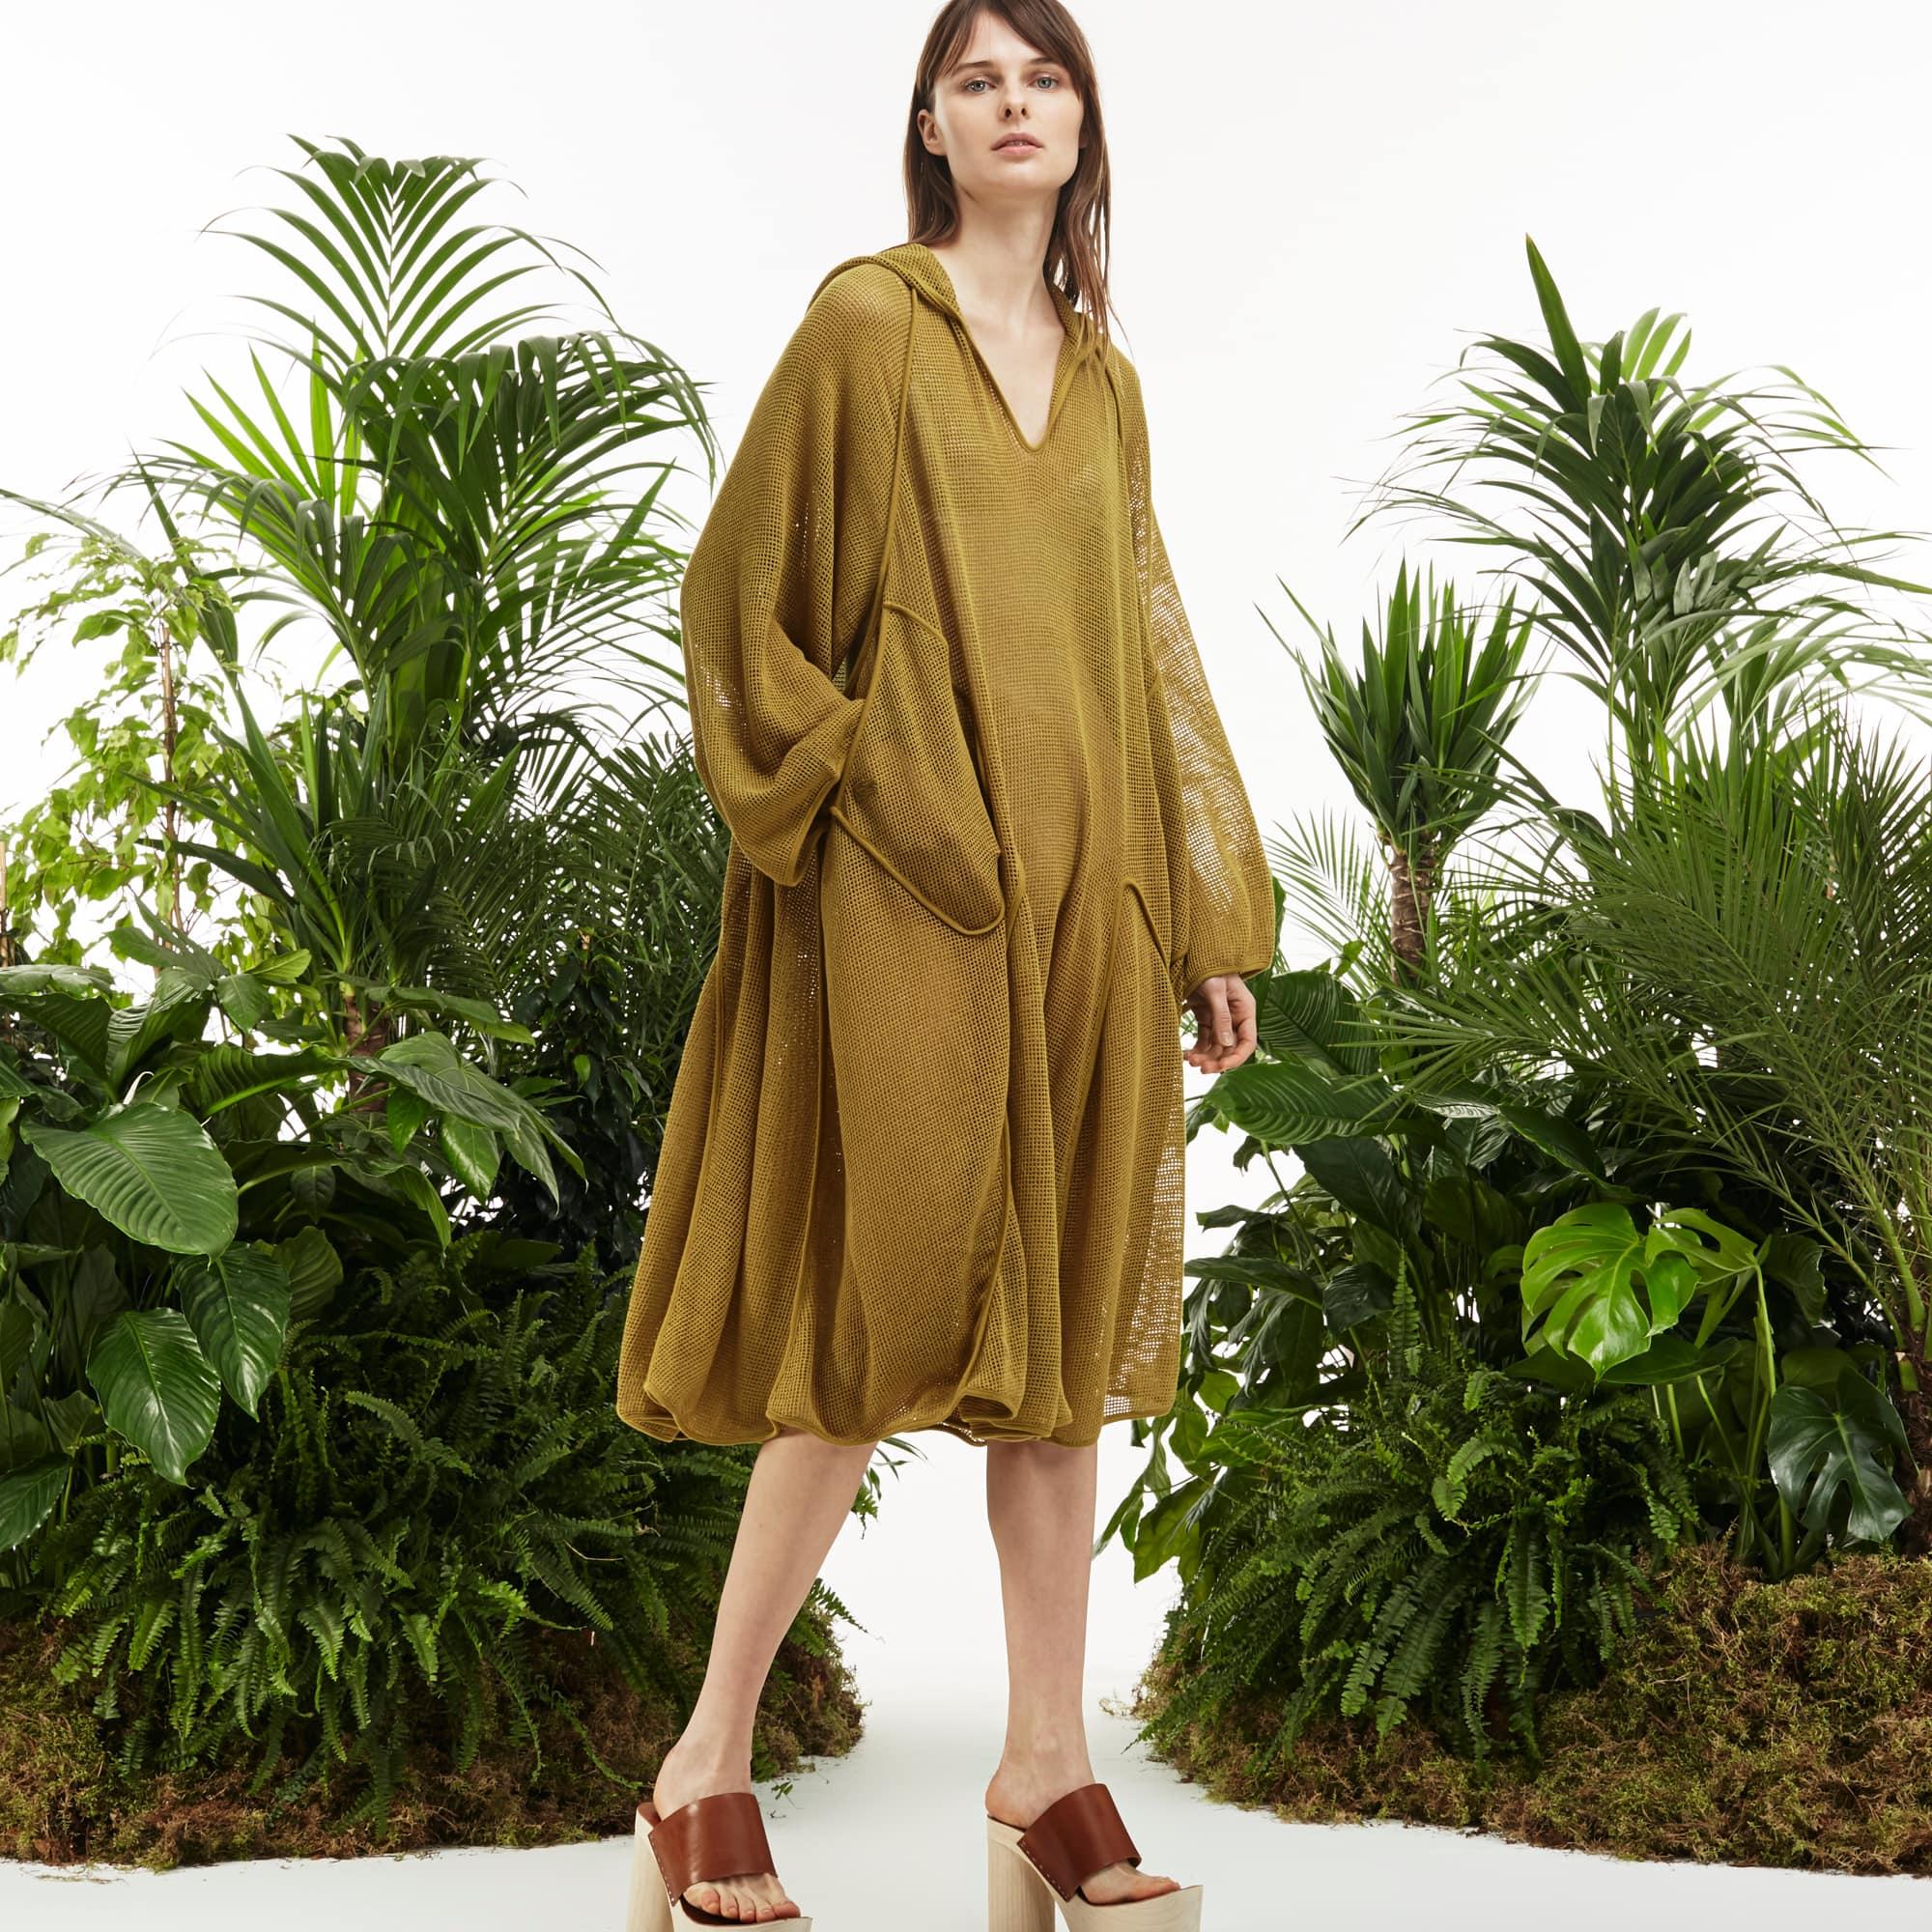 Women's Fashion Show Hooded Mesh Dress